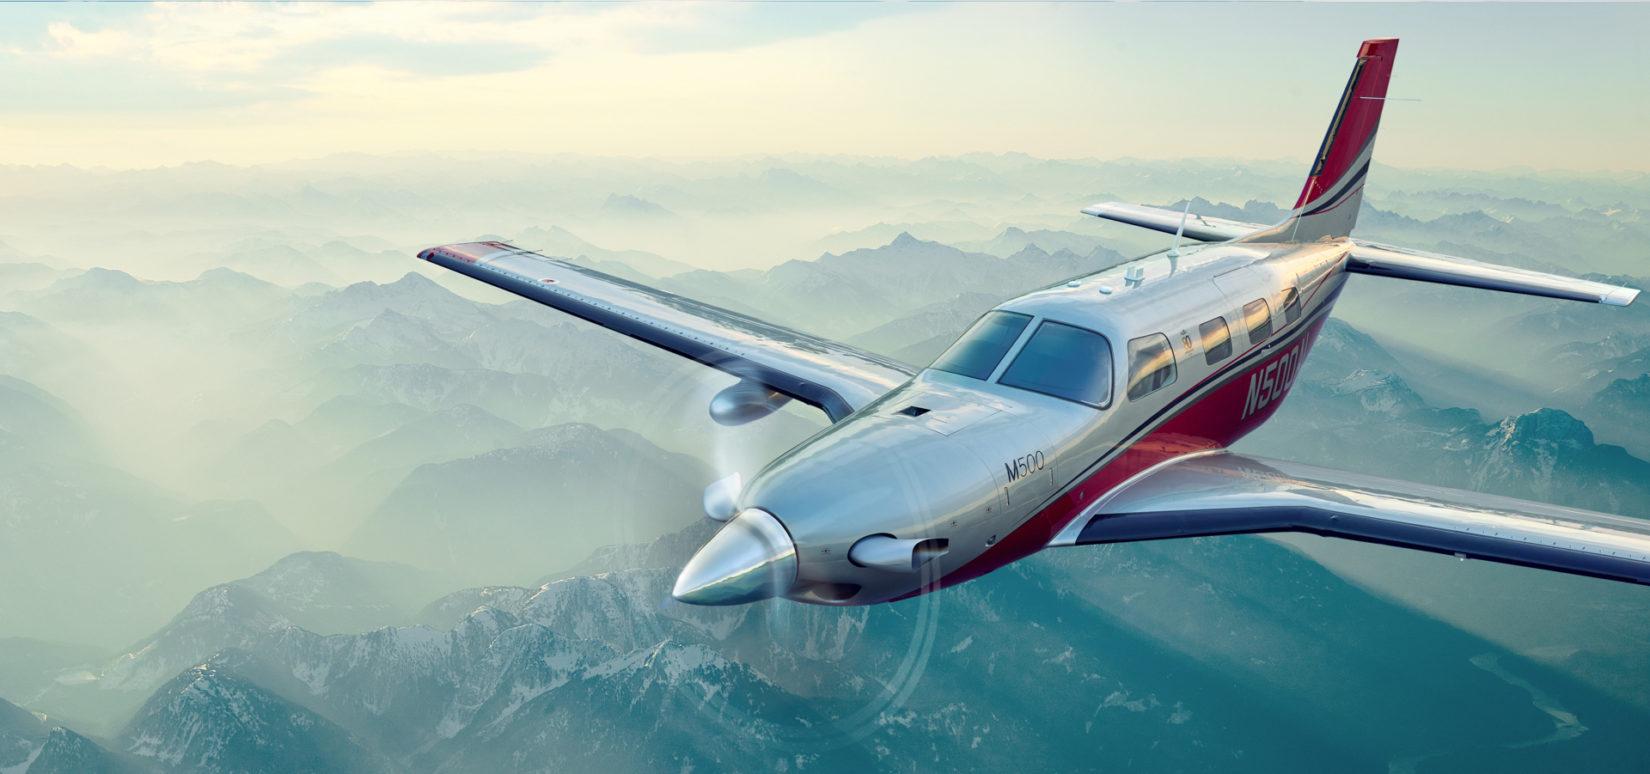 Piper Aircraft M500